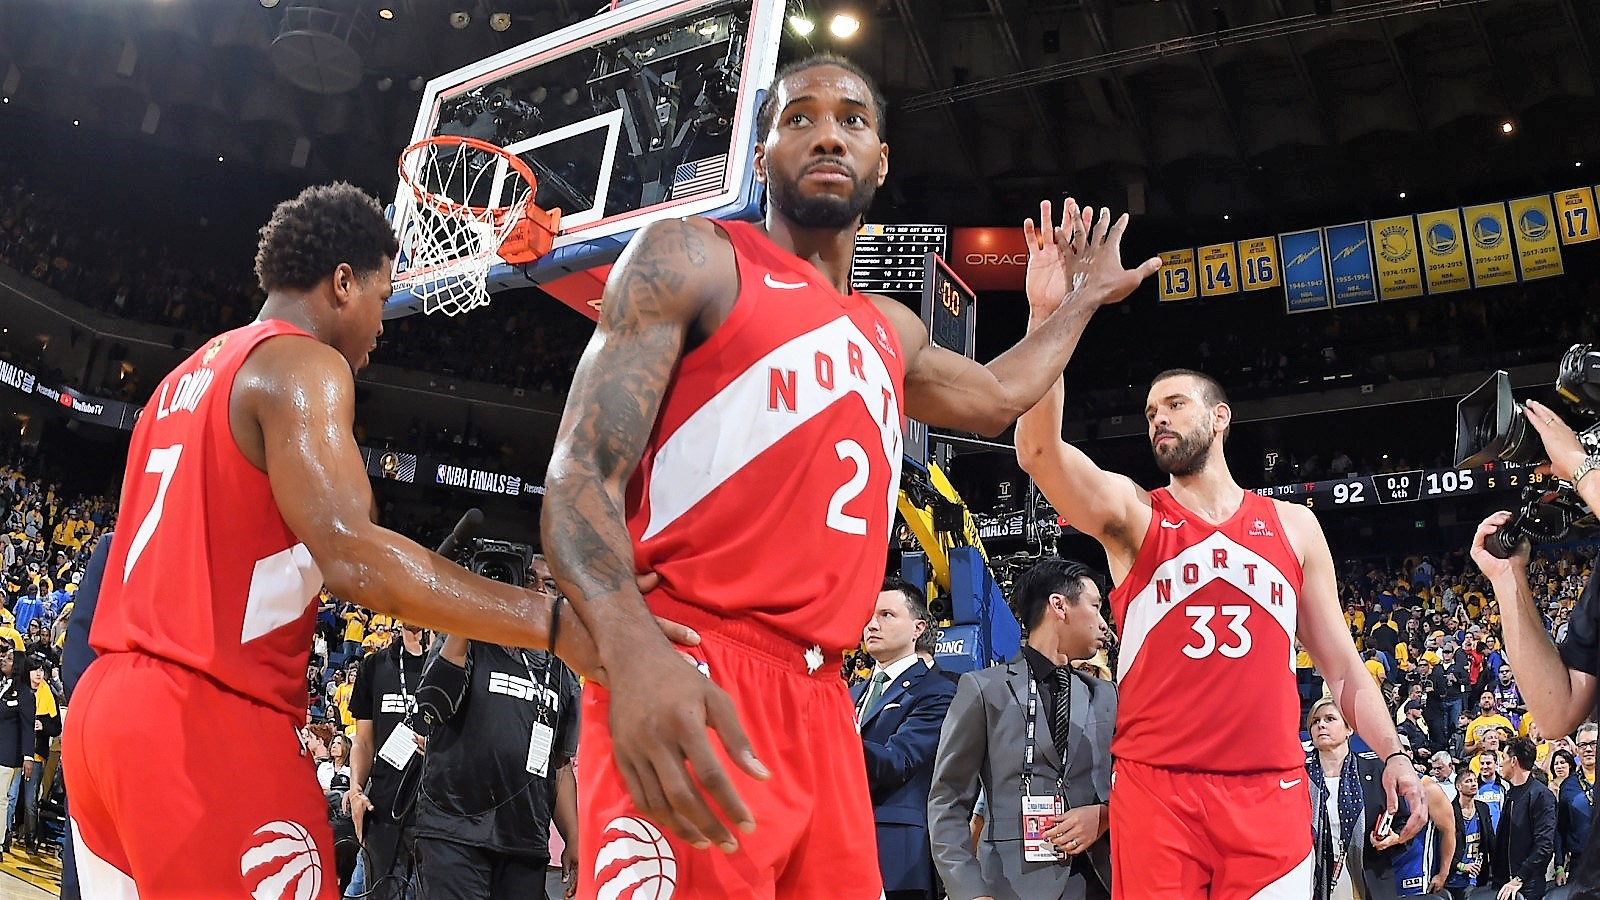 ラプターズが敵地で連勝、球団初優勝に王手をかける   NBA日本公式 ...